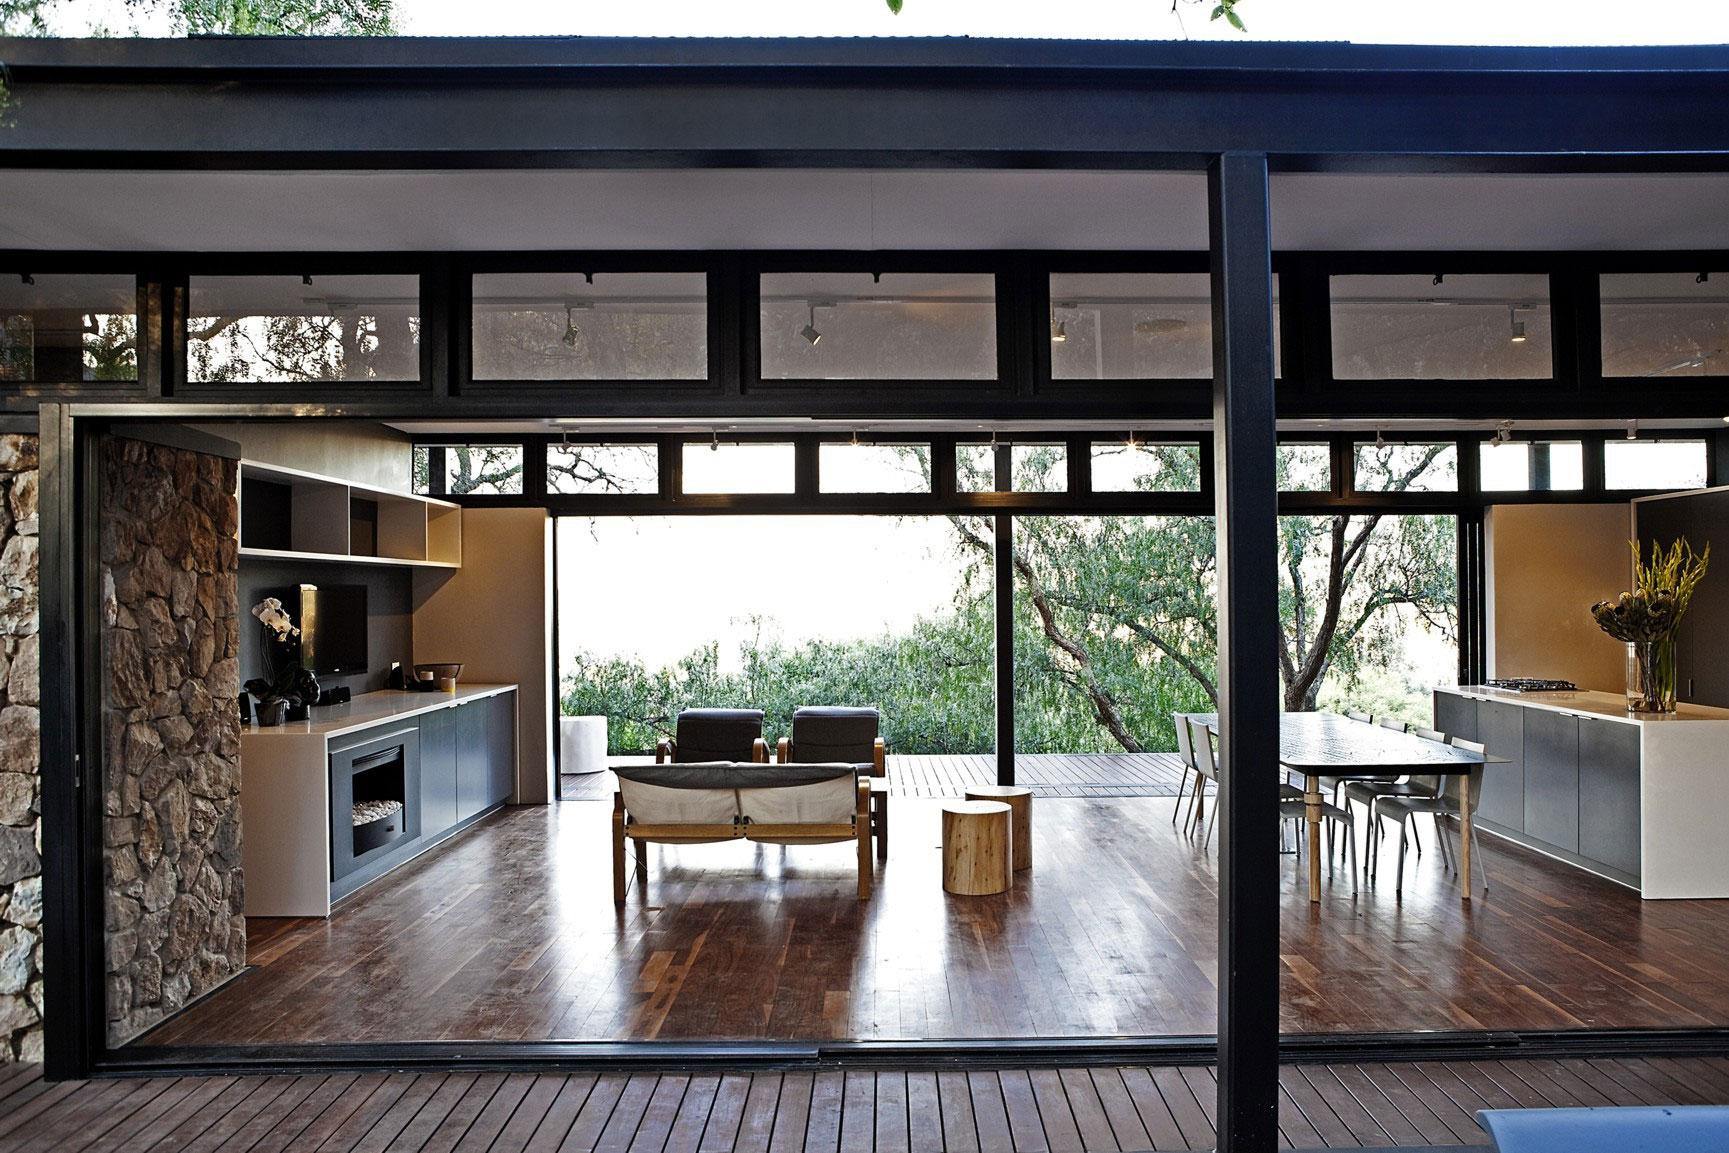 Ventanas a ambos lados de casa construye hogar - Construye hogar ...